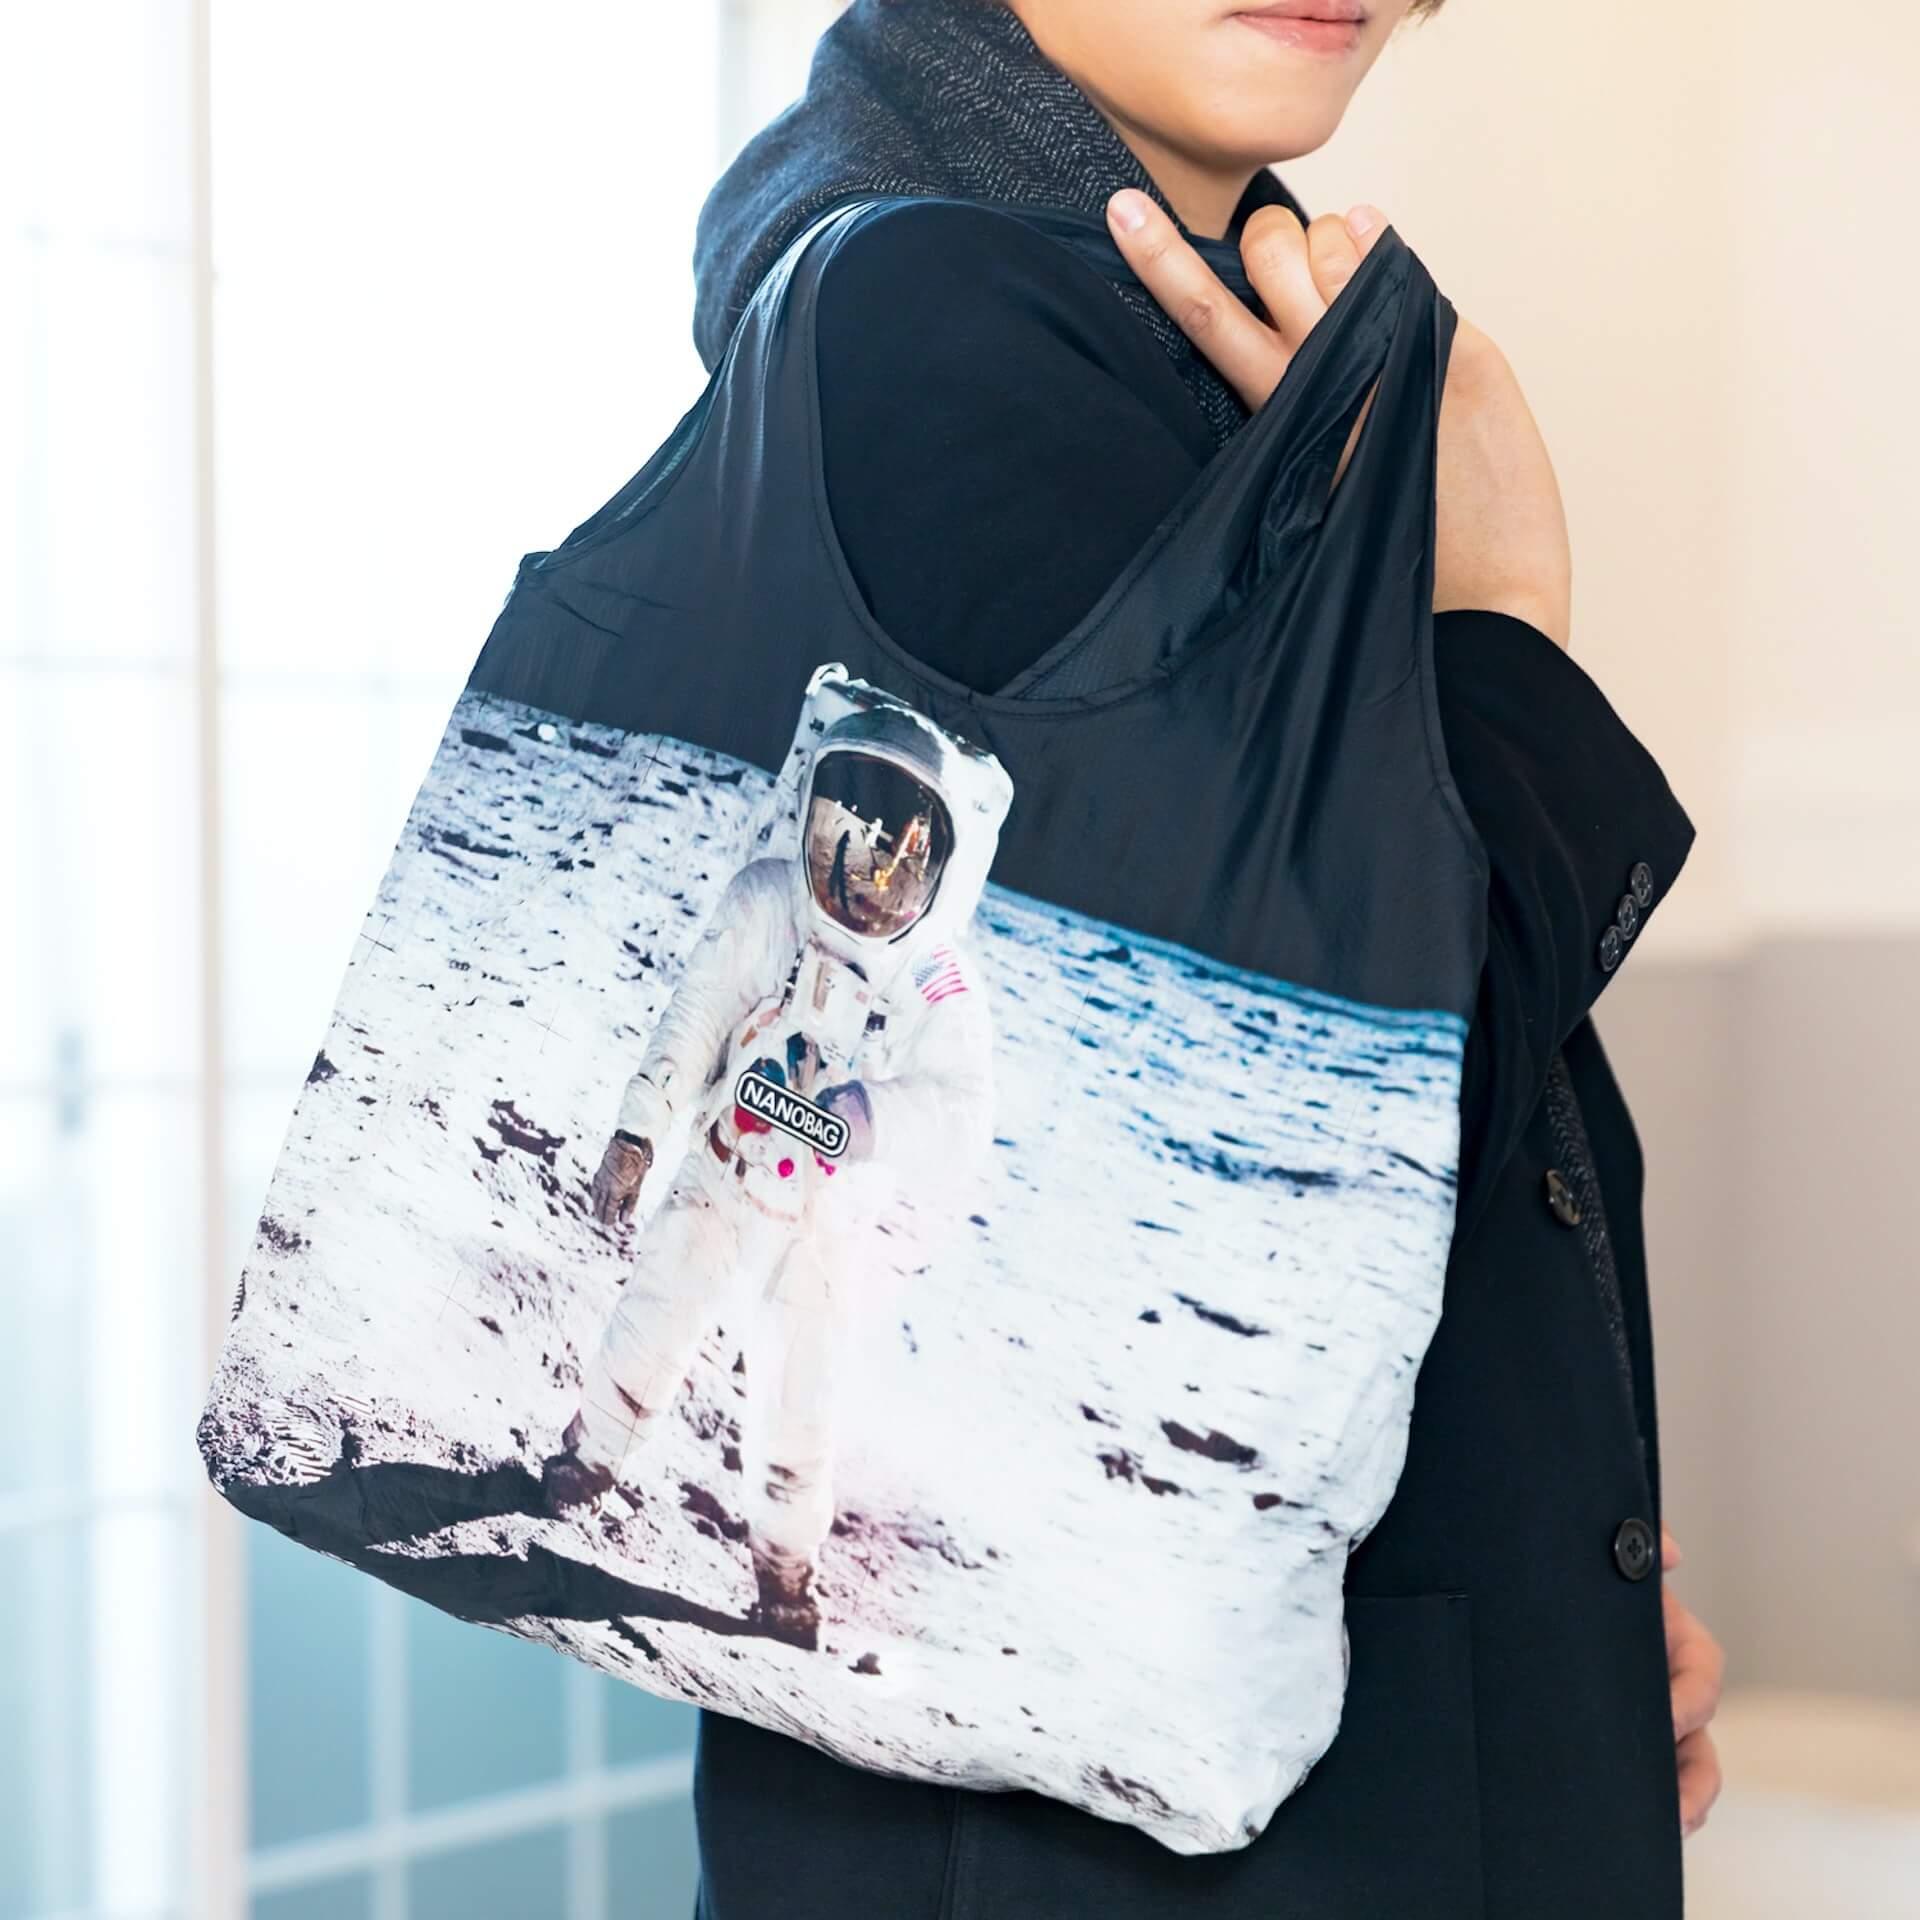 手のひらサイズのエコバッグ『NANOBAG』でお買い物しよう!全国販売を記念したTwitterプレゼントキャンペーンが実施 ac200714_nanobag_15